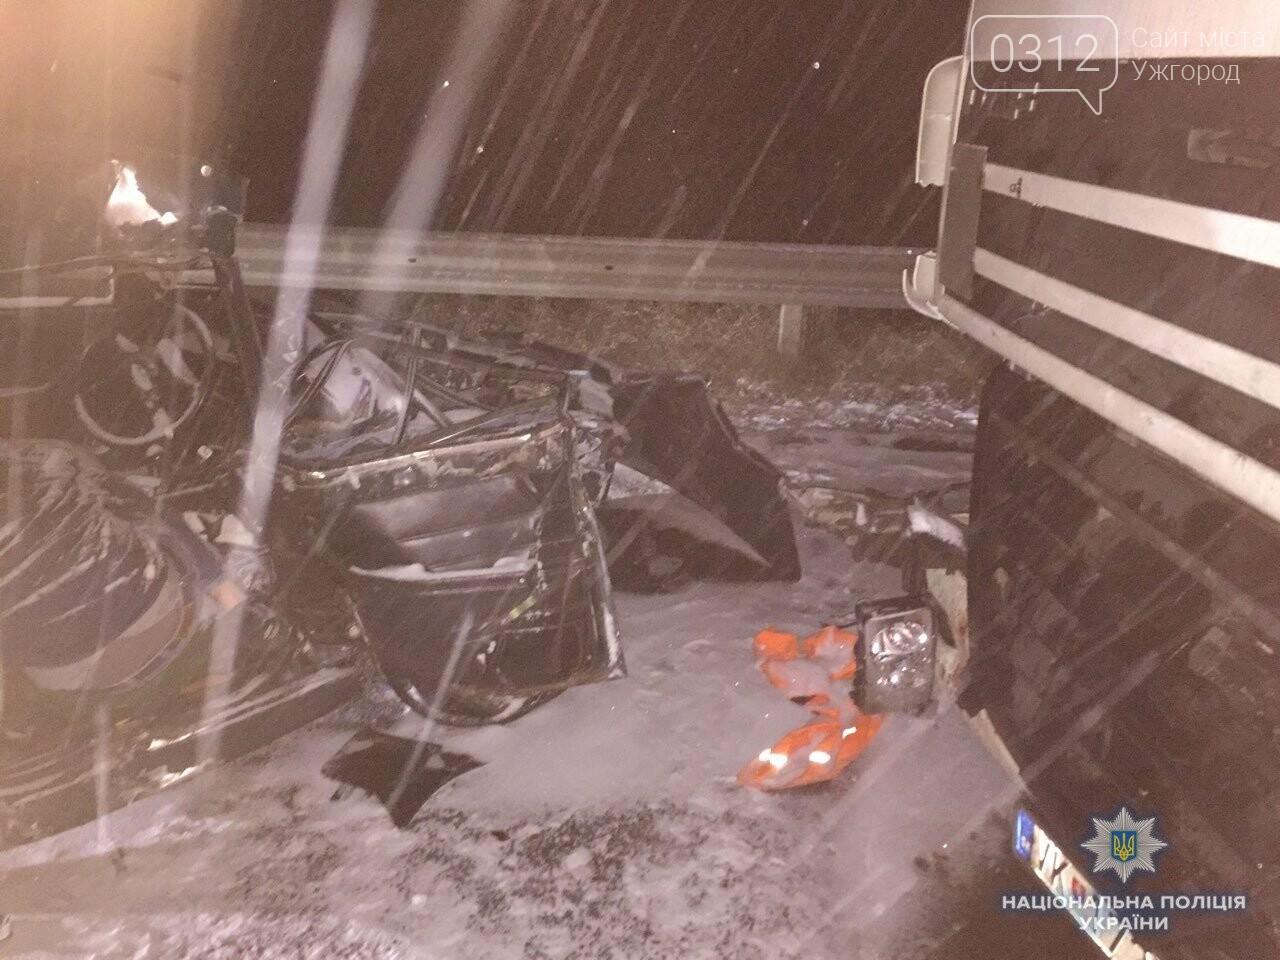 Жахливе ДТП за участі трьох авто поблизу Чопу: на місці загинув 18-ти річний хлопець (ФОТО), фото-2